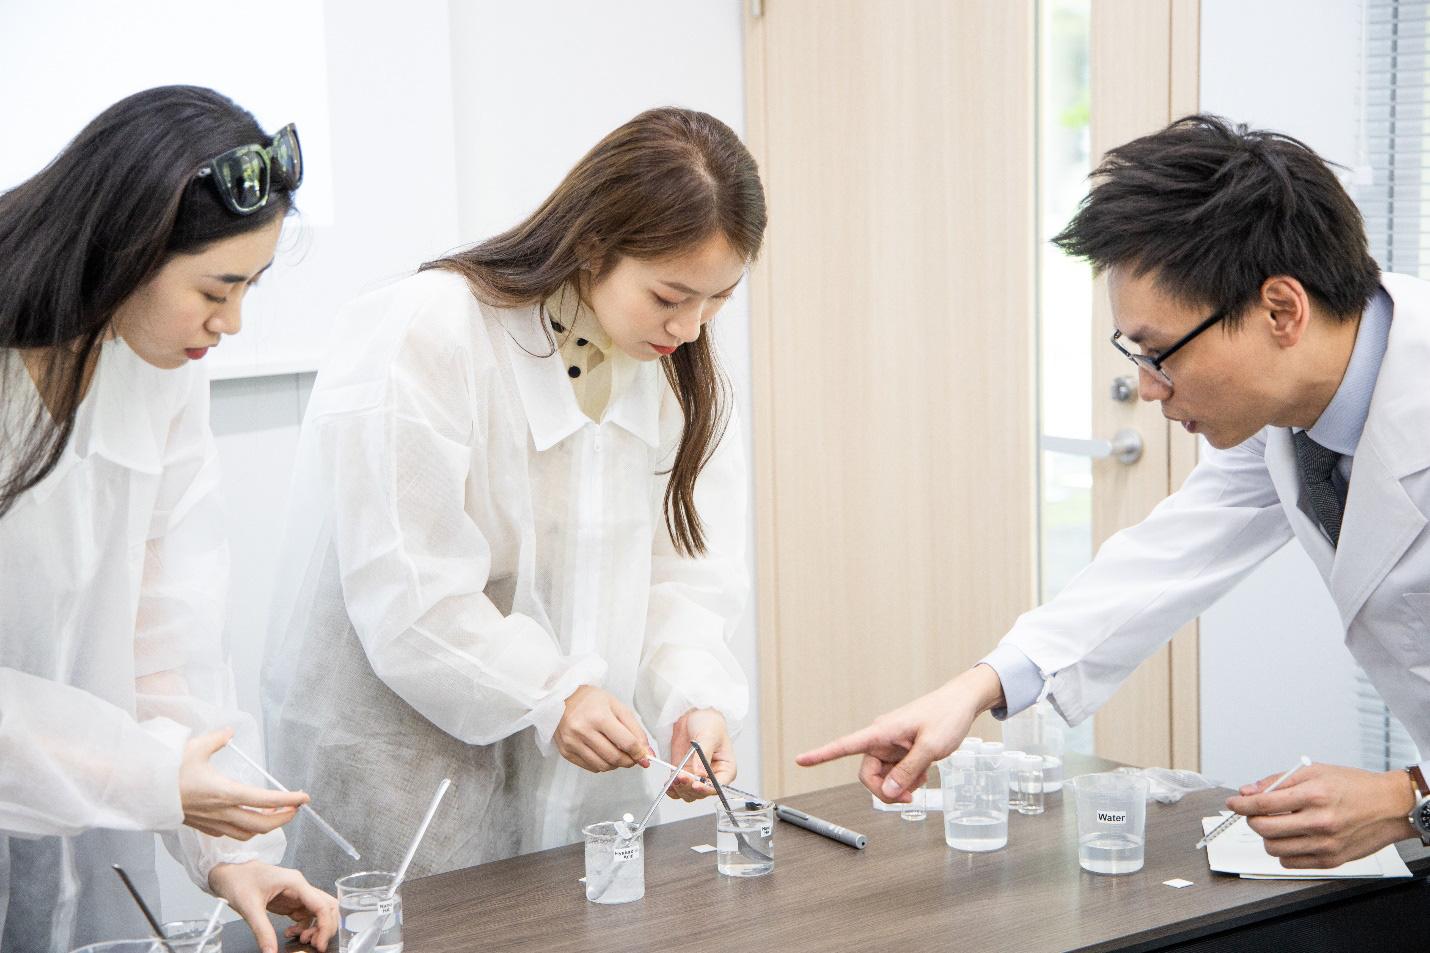 Nhân vật đặc biệt cùng dàn Beauty Vlogger nổi tiếng ghé thăm phòng nghiên cứu Rohto tại Nhật Bản là ai? - Ảnh 4.